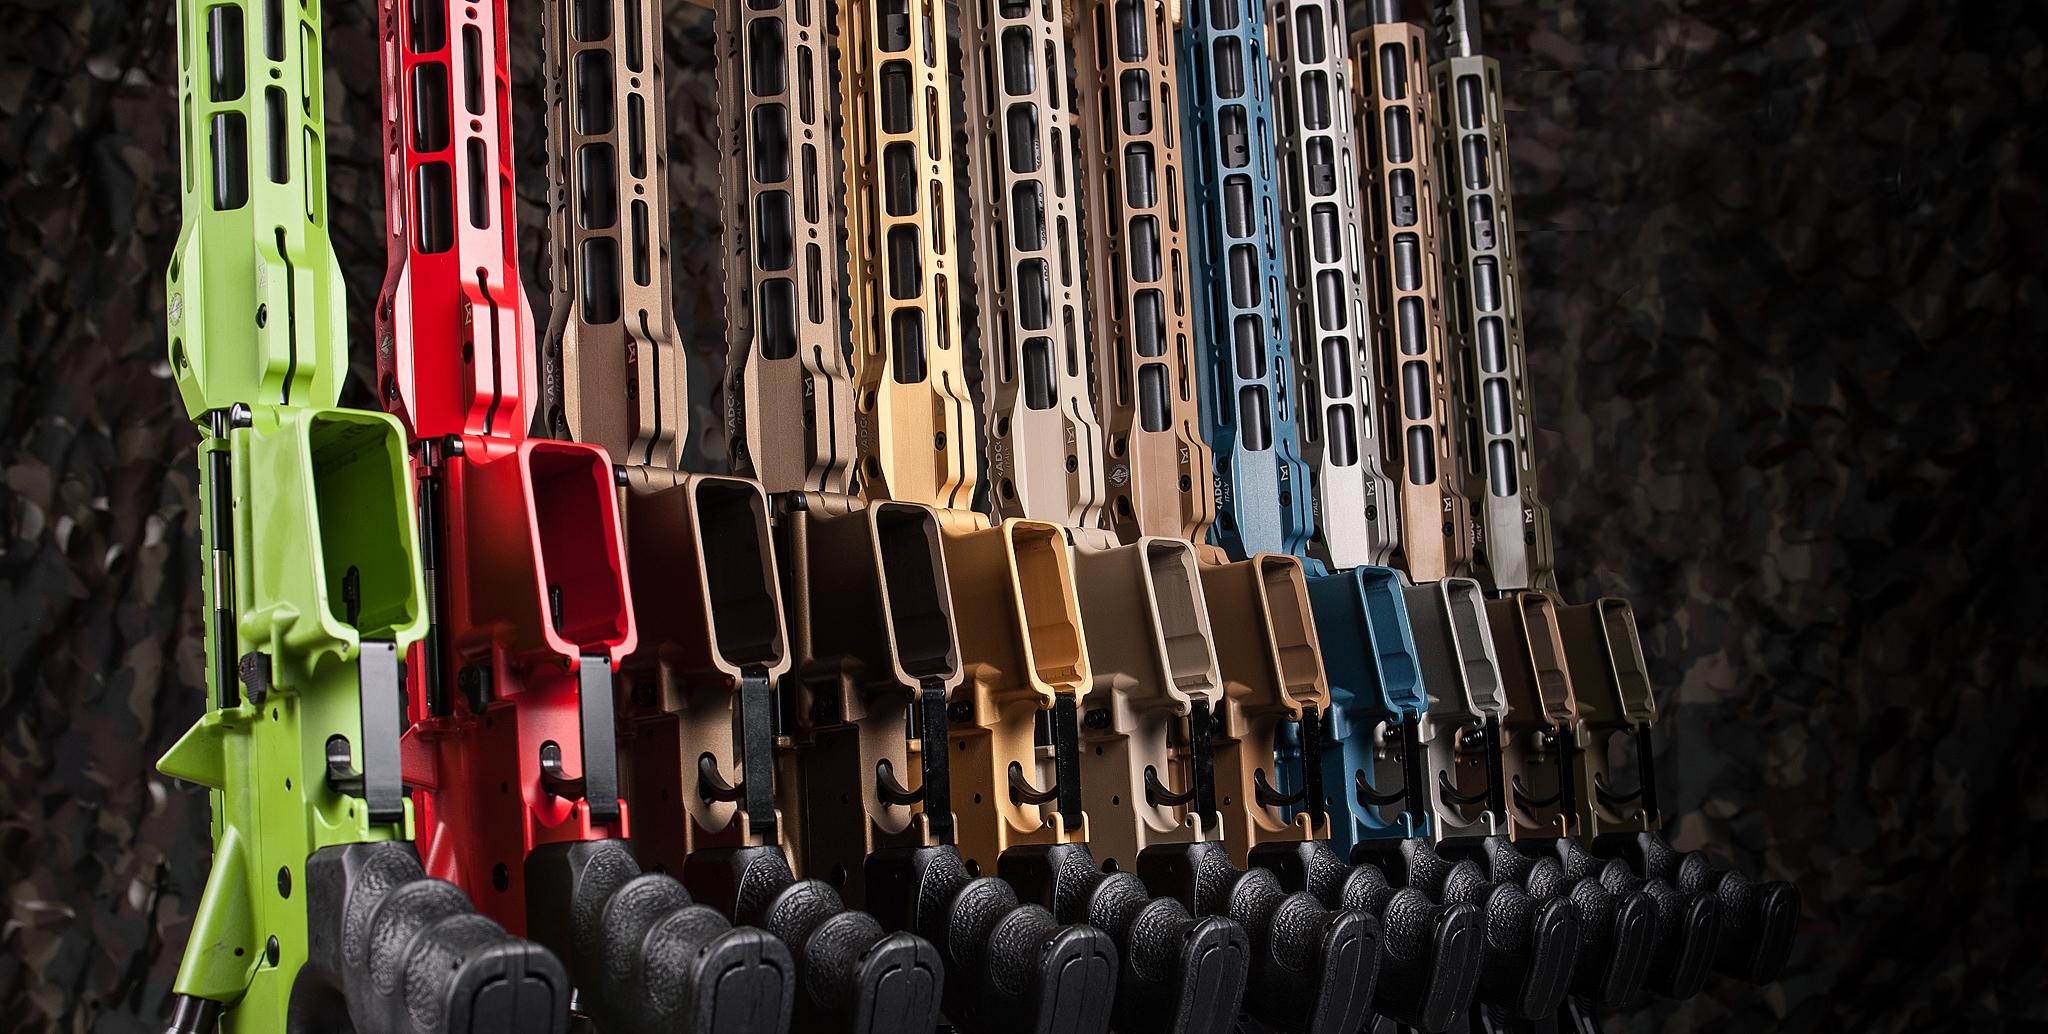 Serie M5 ADC Armi Dallera Custom personalizzati con colorazione Cerakote © Ar15